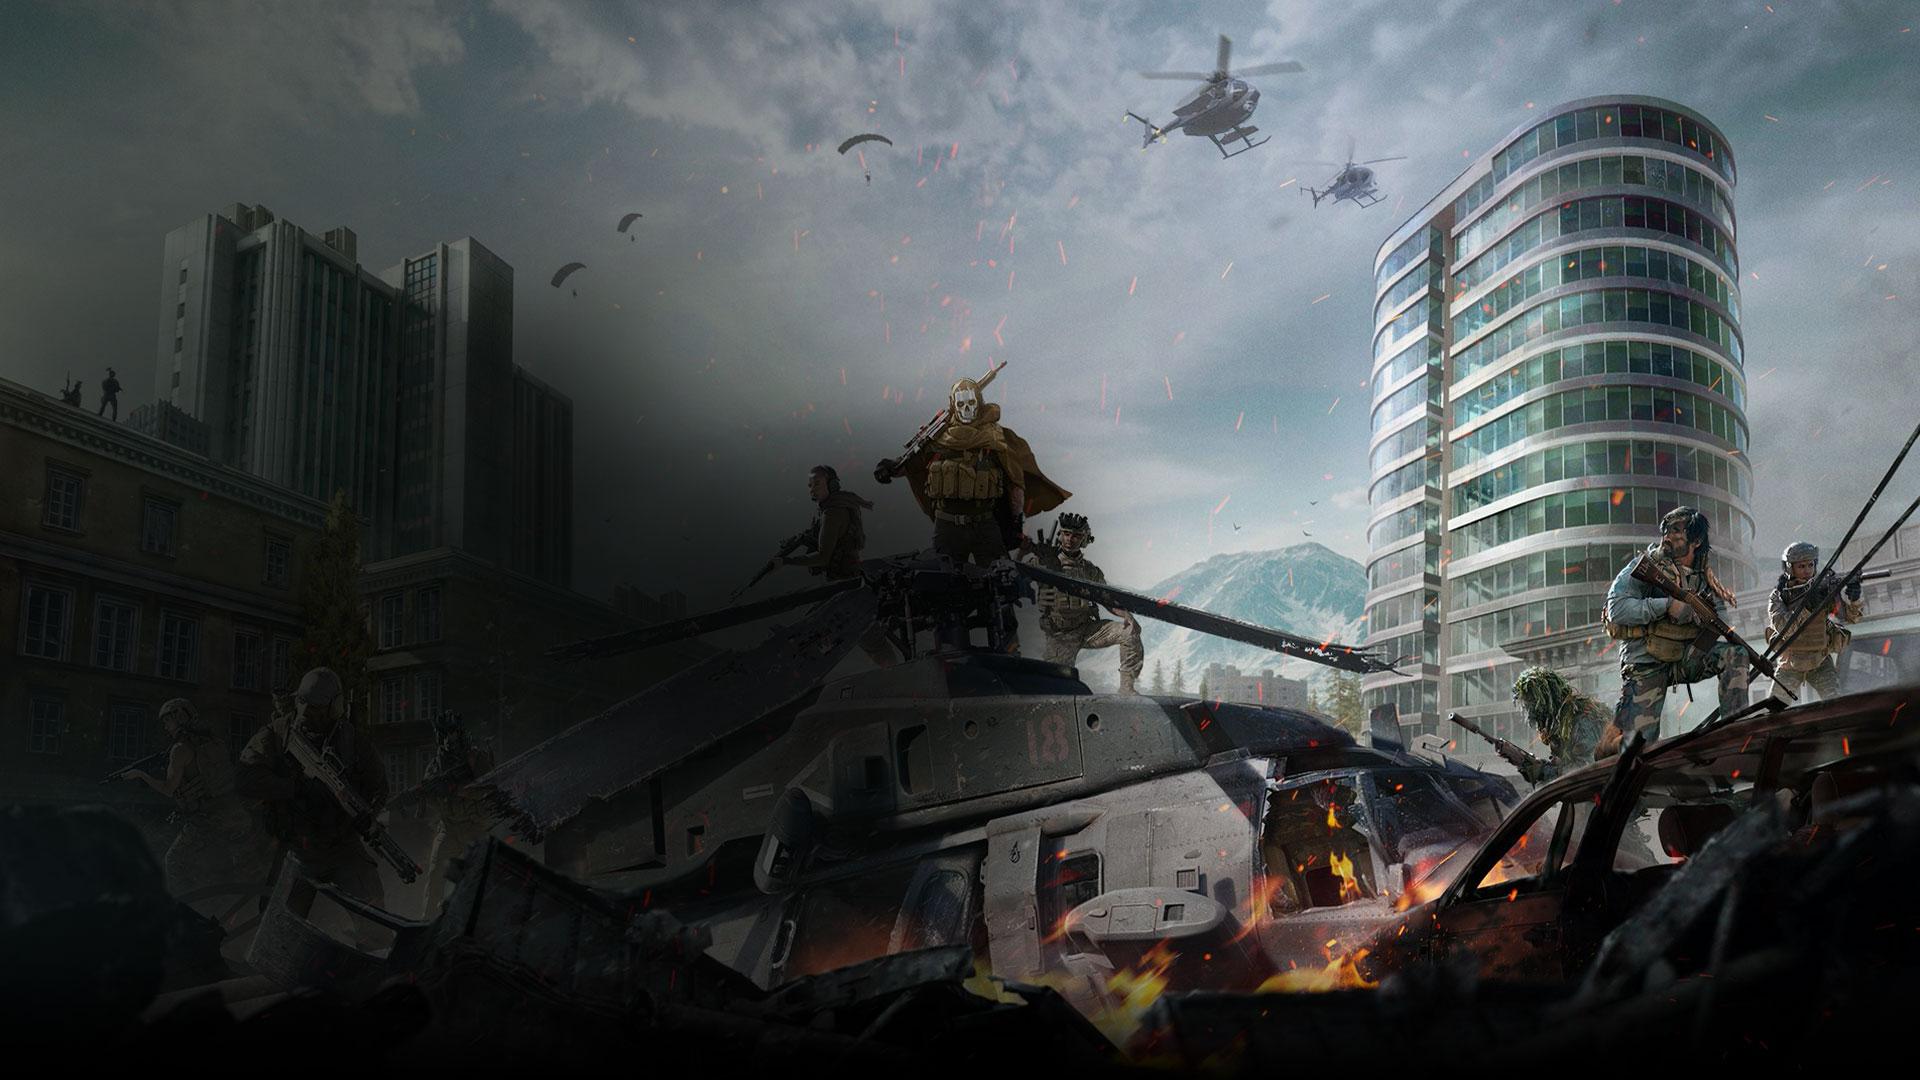 CallofDuty: Les personnages de Modern Warfare se tiennent sur un char au milieu d'une ville ravagée par la guerre.